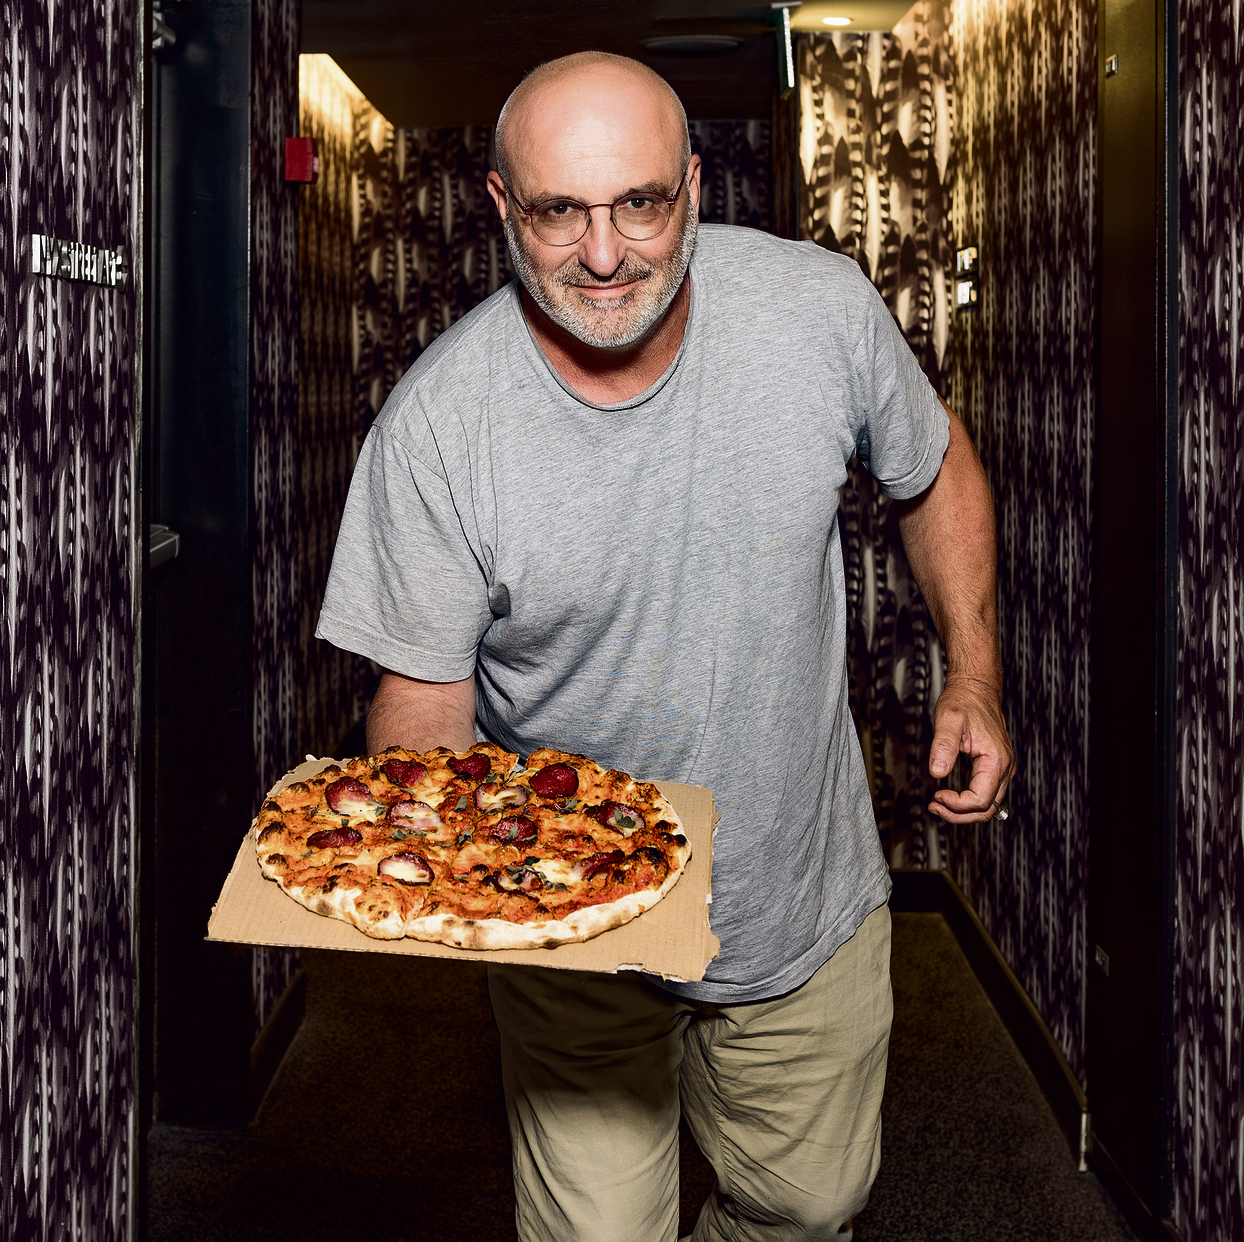 """""""אני יכול לקחת פיצה ולקרוא לה ערס־פואטית"""". קומרובסקי ופיצה   צילום: גבריאל בהרליה"""